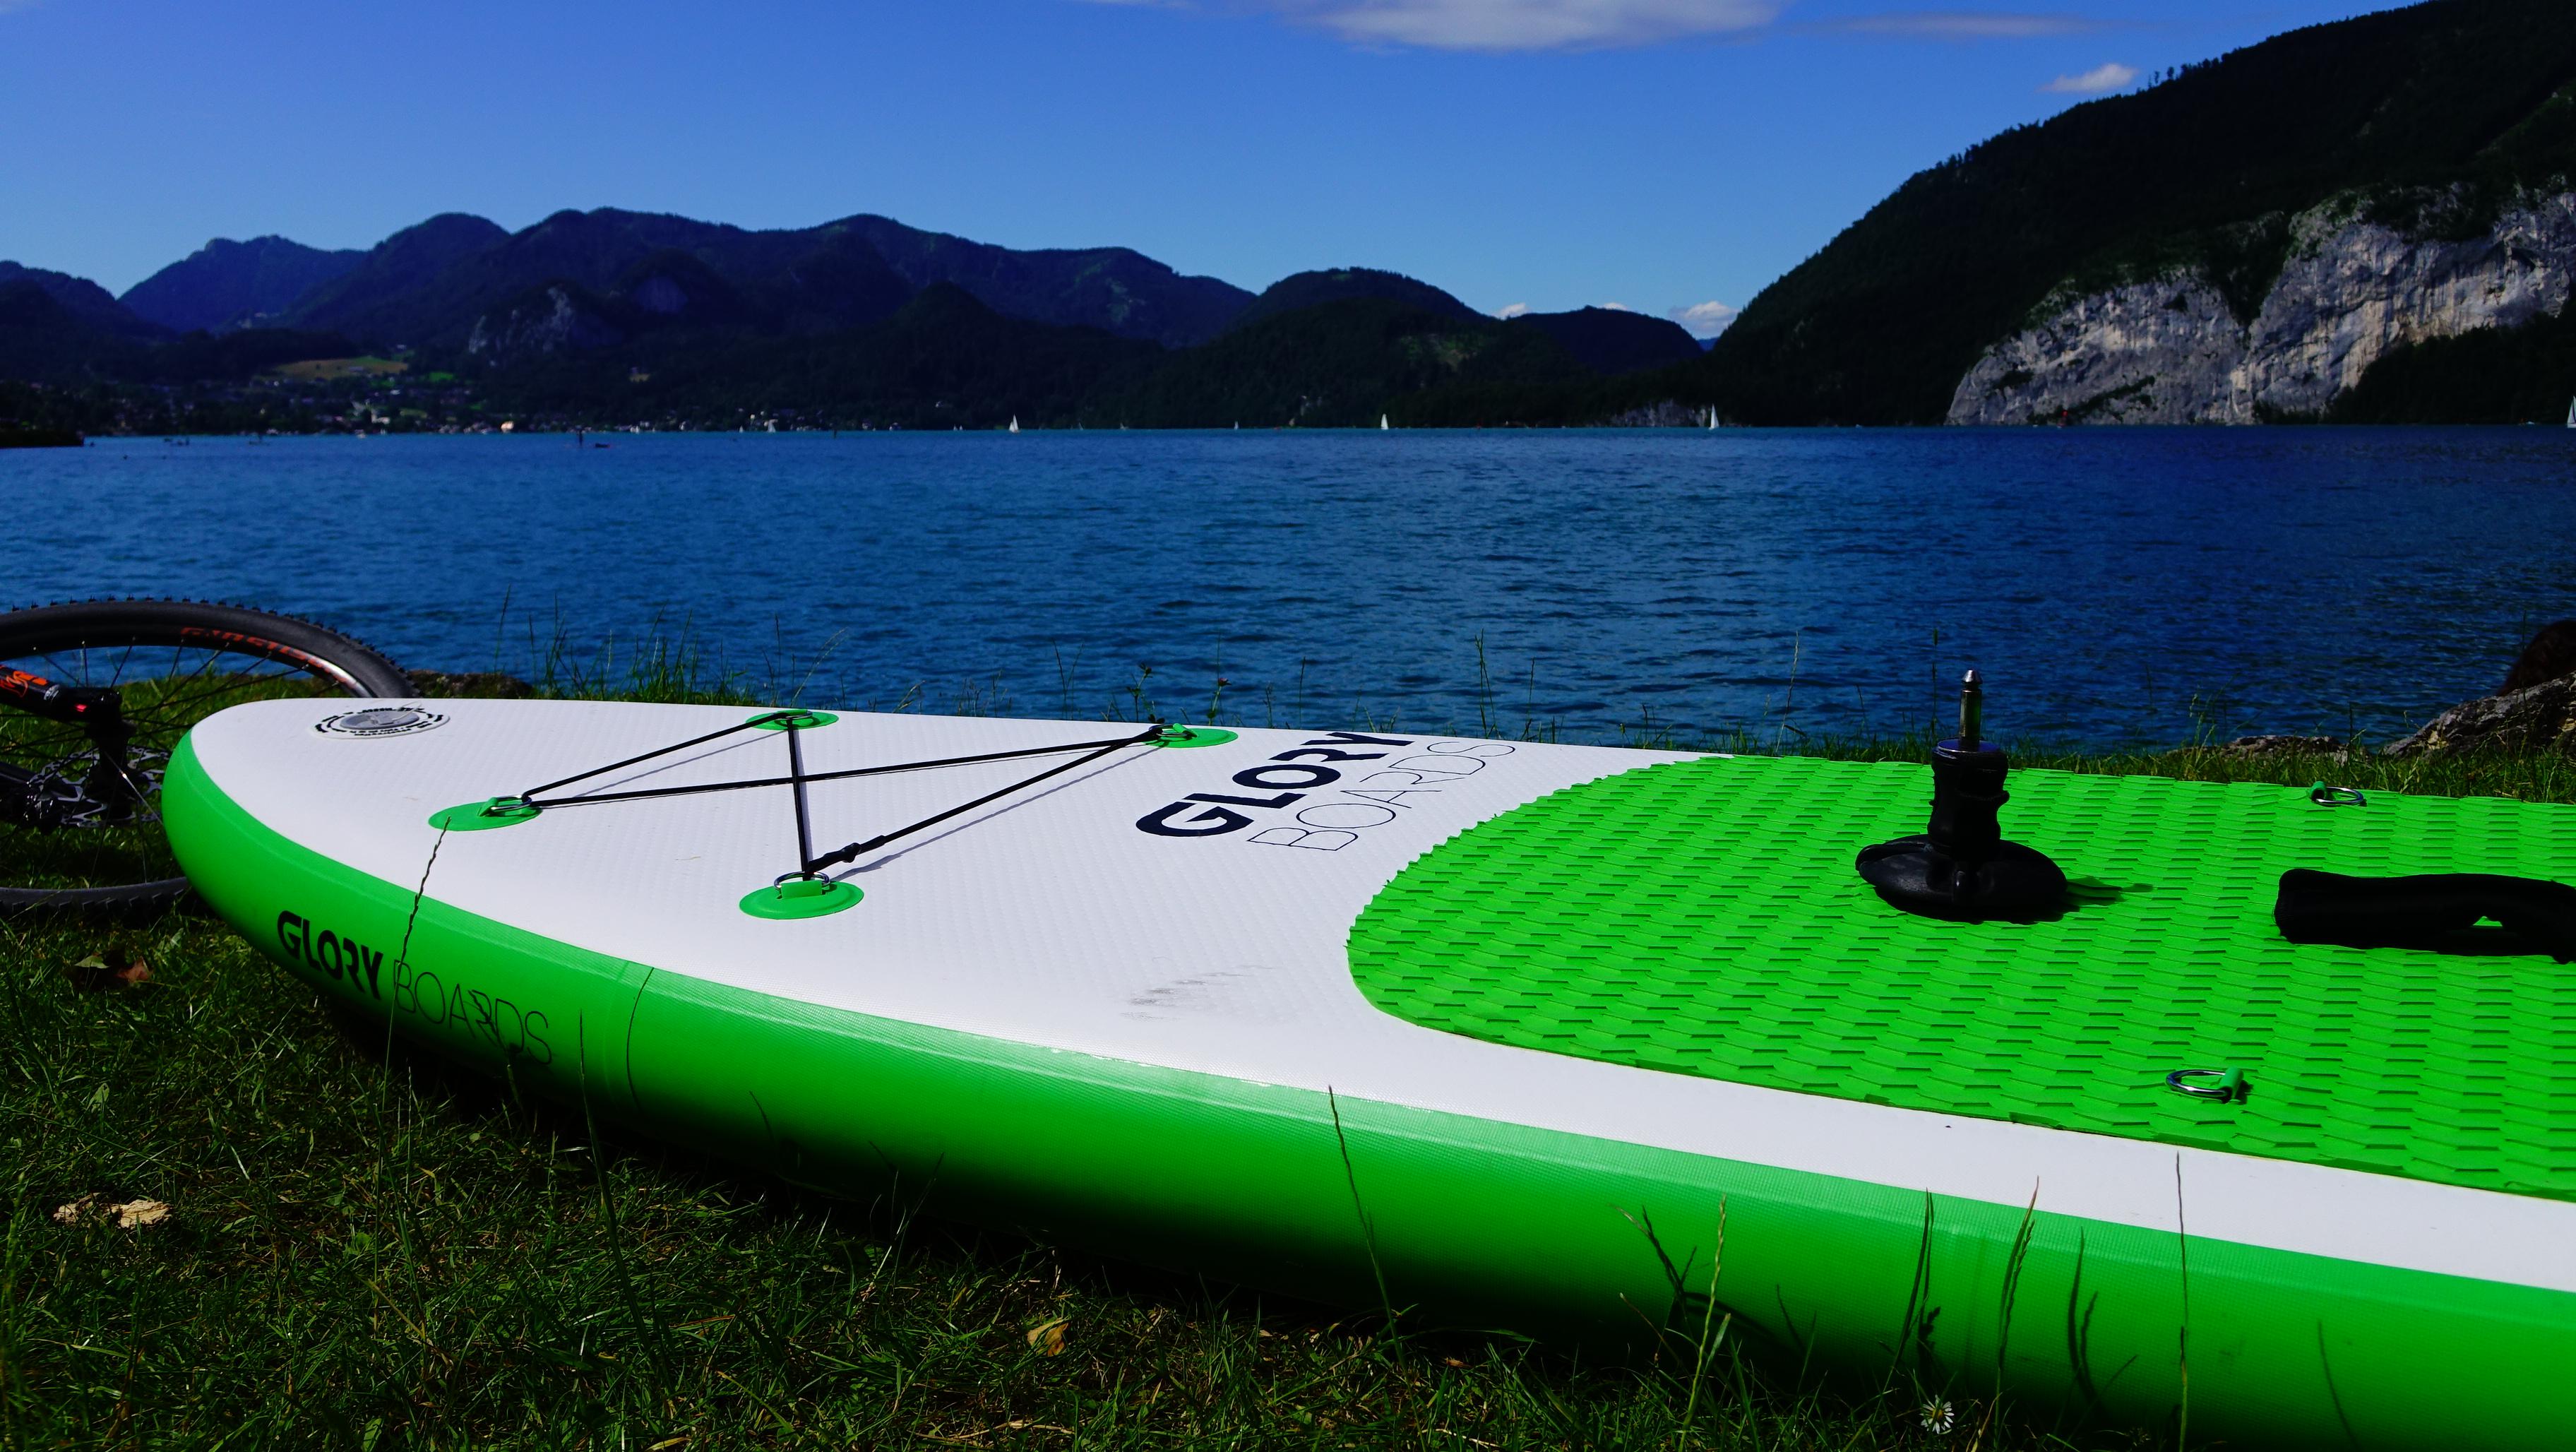 Windsurfen auf dem CROSS SUP Board – Expertentipps für das richtige Equipment.